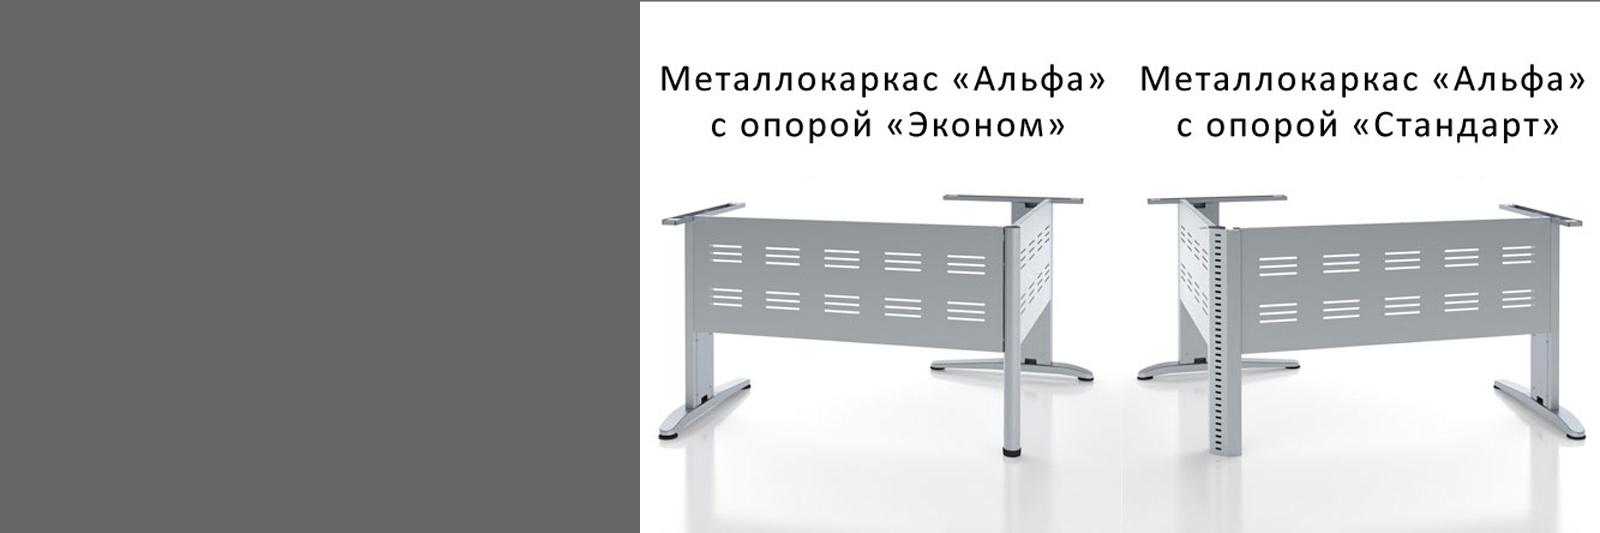 Металлокаркасы АЛЬФА для угловых столов